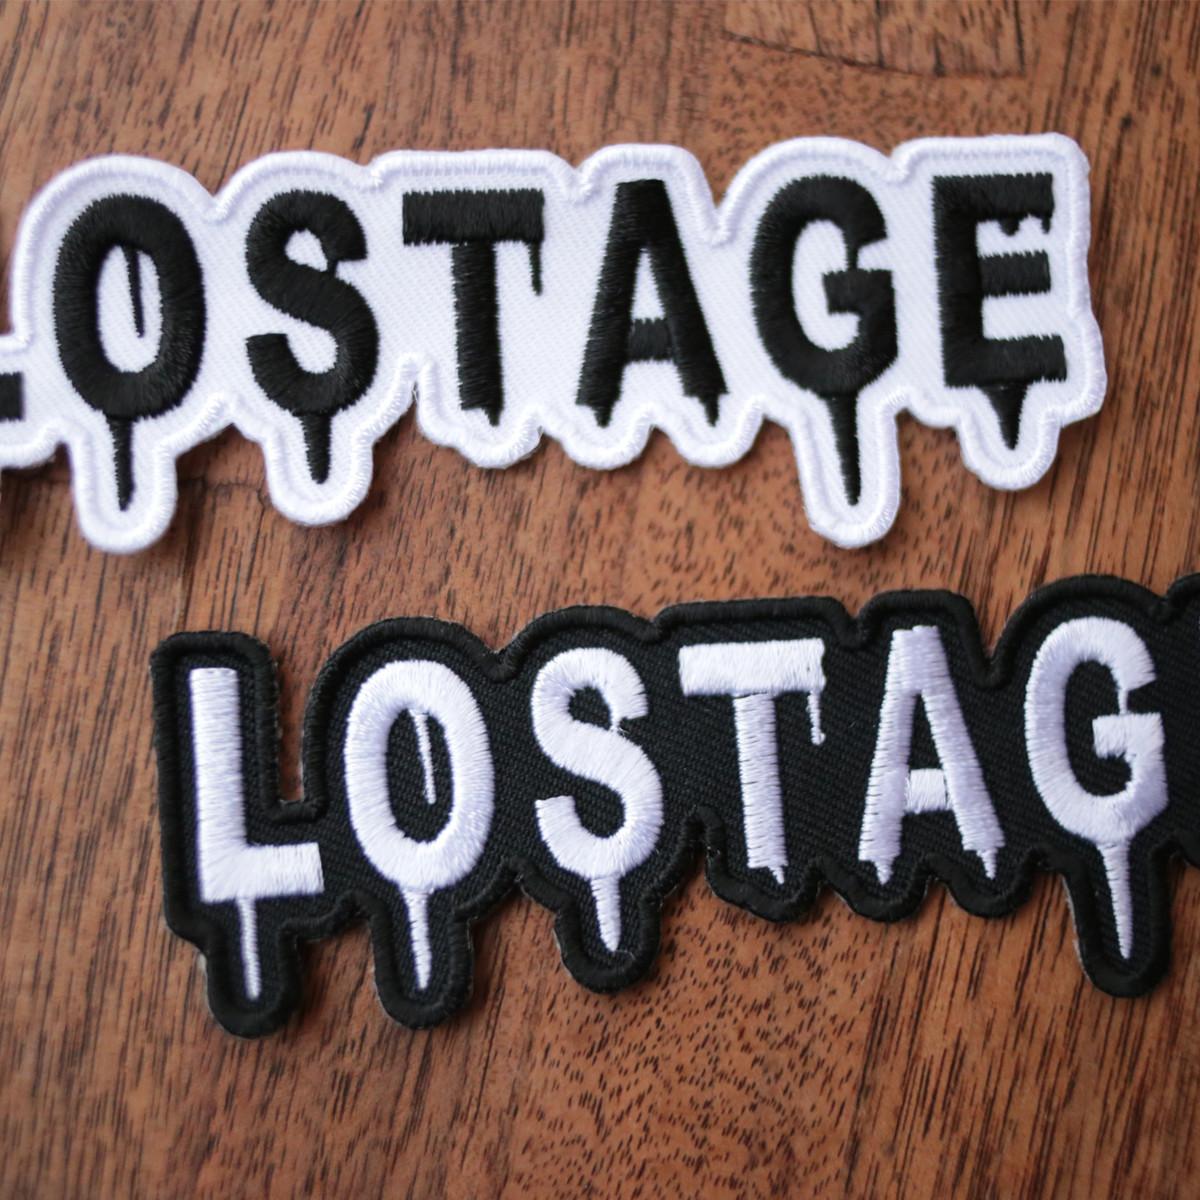 f:id:hostage:20190927164804j:plain